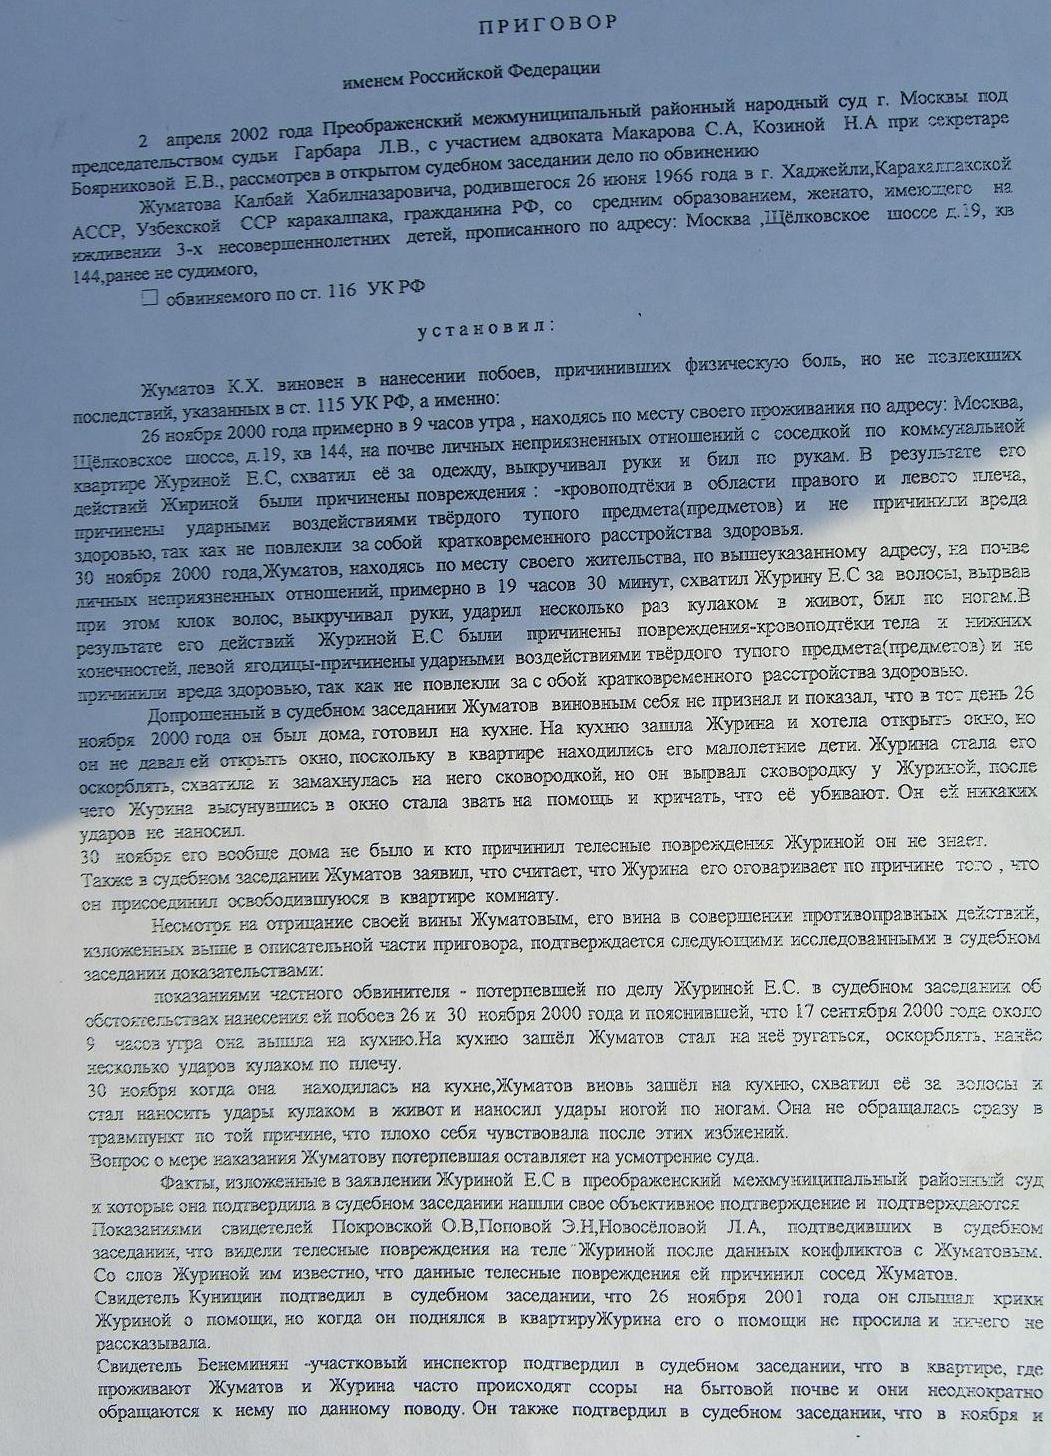 http://pics.livejournal.com/sofia_vb_888/pic/002cx65g